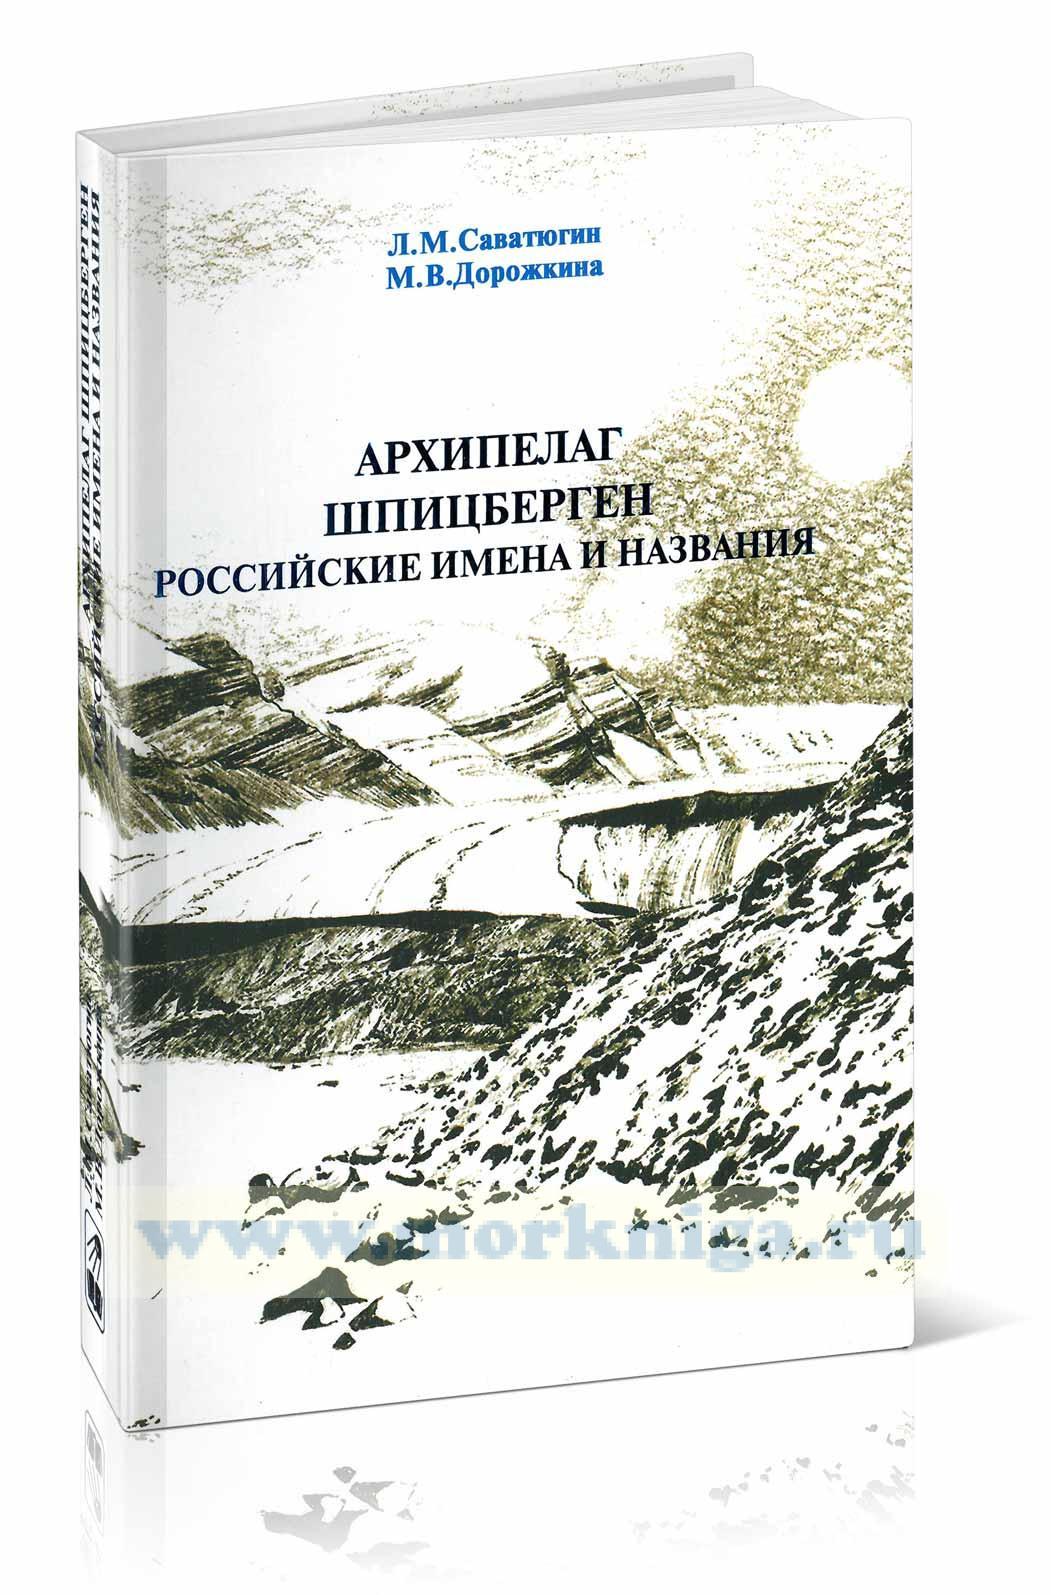 Архипелаг Шпицберген: Российские имена и названия